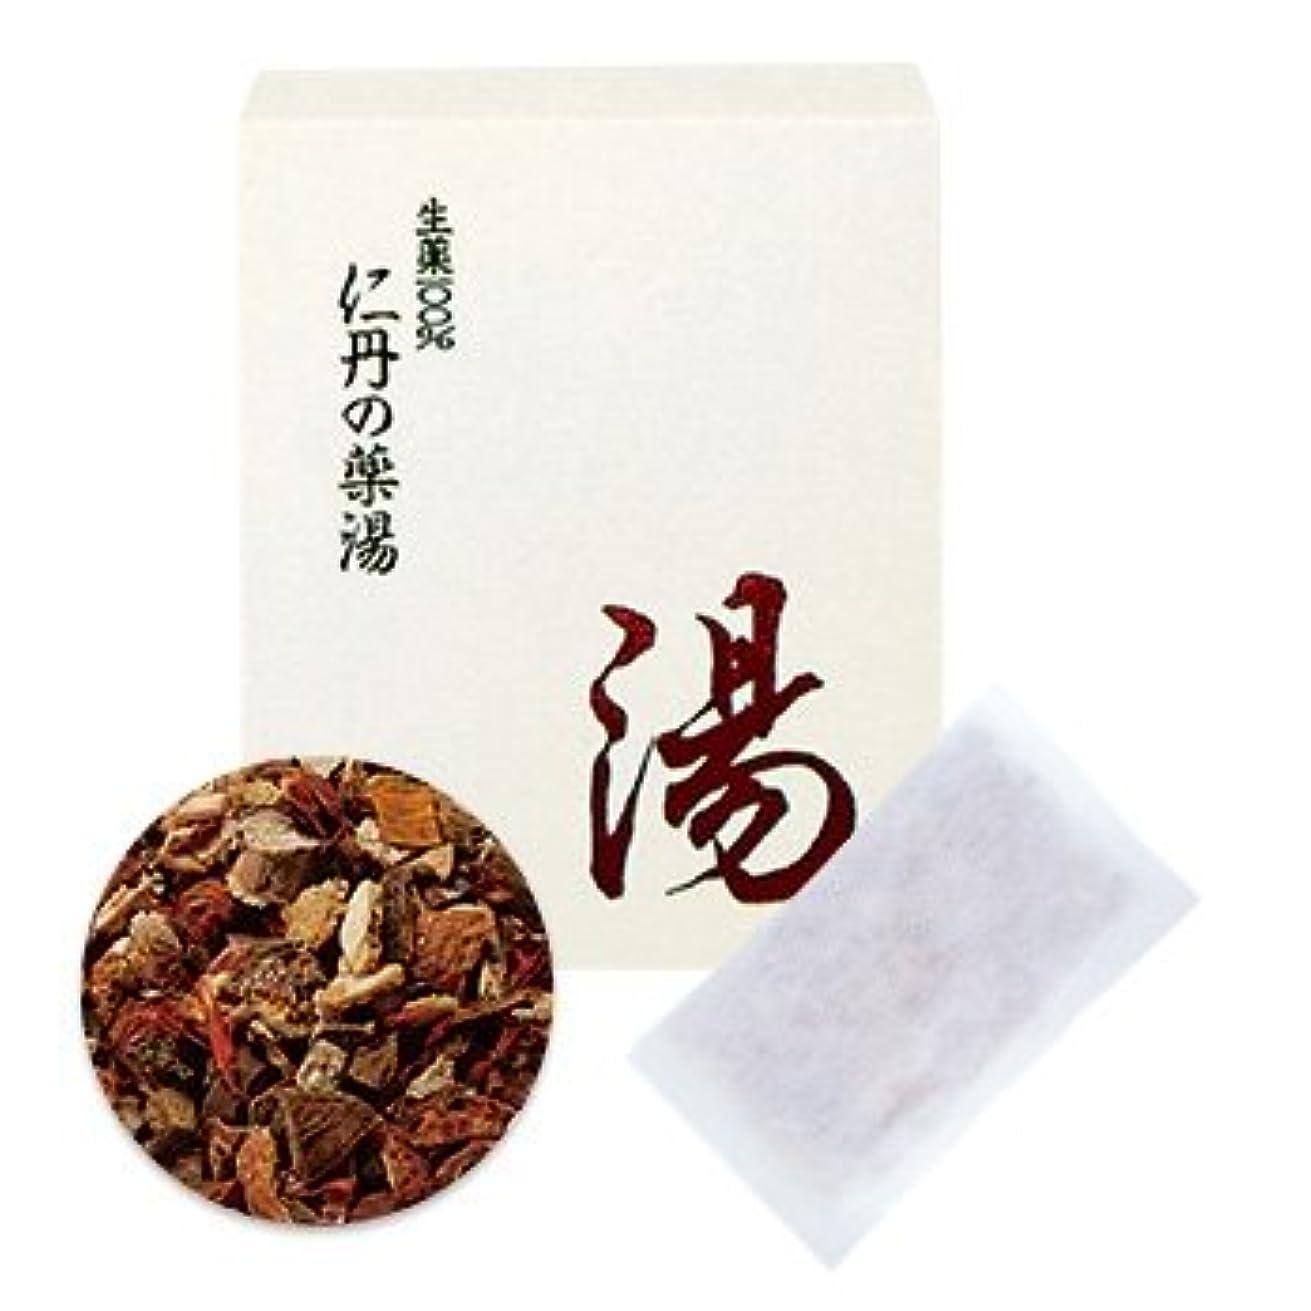 種をまく一般化するパトワ森下仁丹 仁丹の薬湯(ハード) 10包 医薬部外品